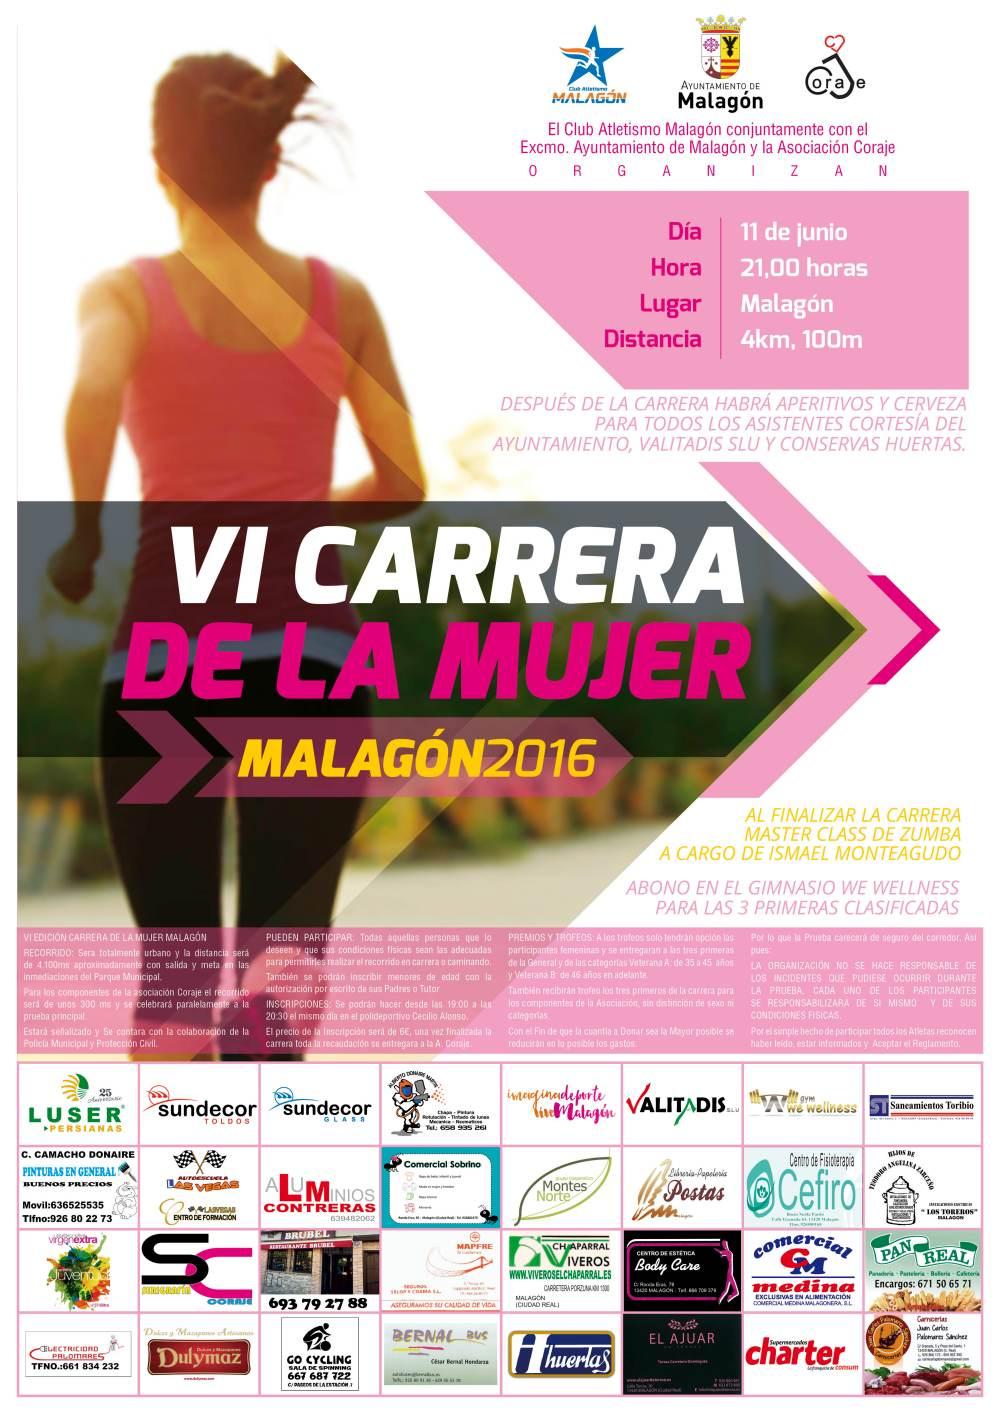 carrera mujer16_cartel